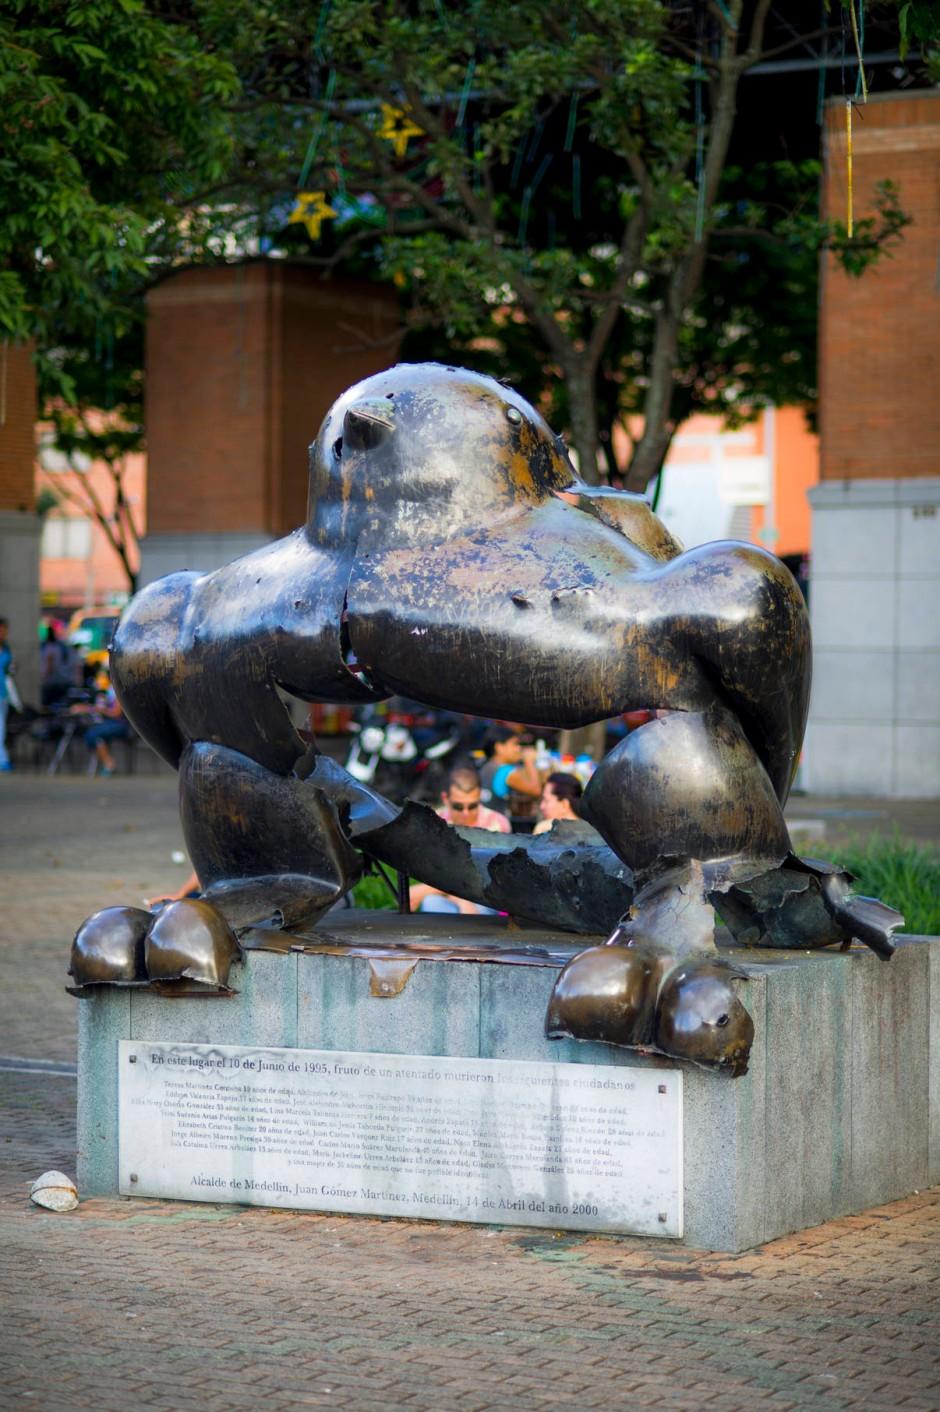 Die Friedenstaube: Die Skulptur von Fernando Botero wurde 1995 von Terroristen gesprengt. Zahlreiche Menschen wurden getötet